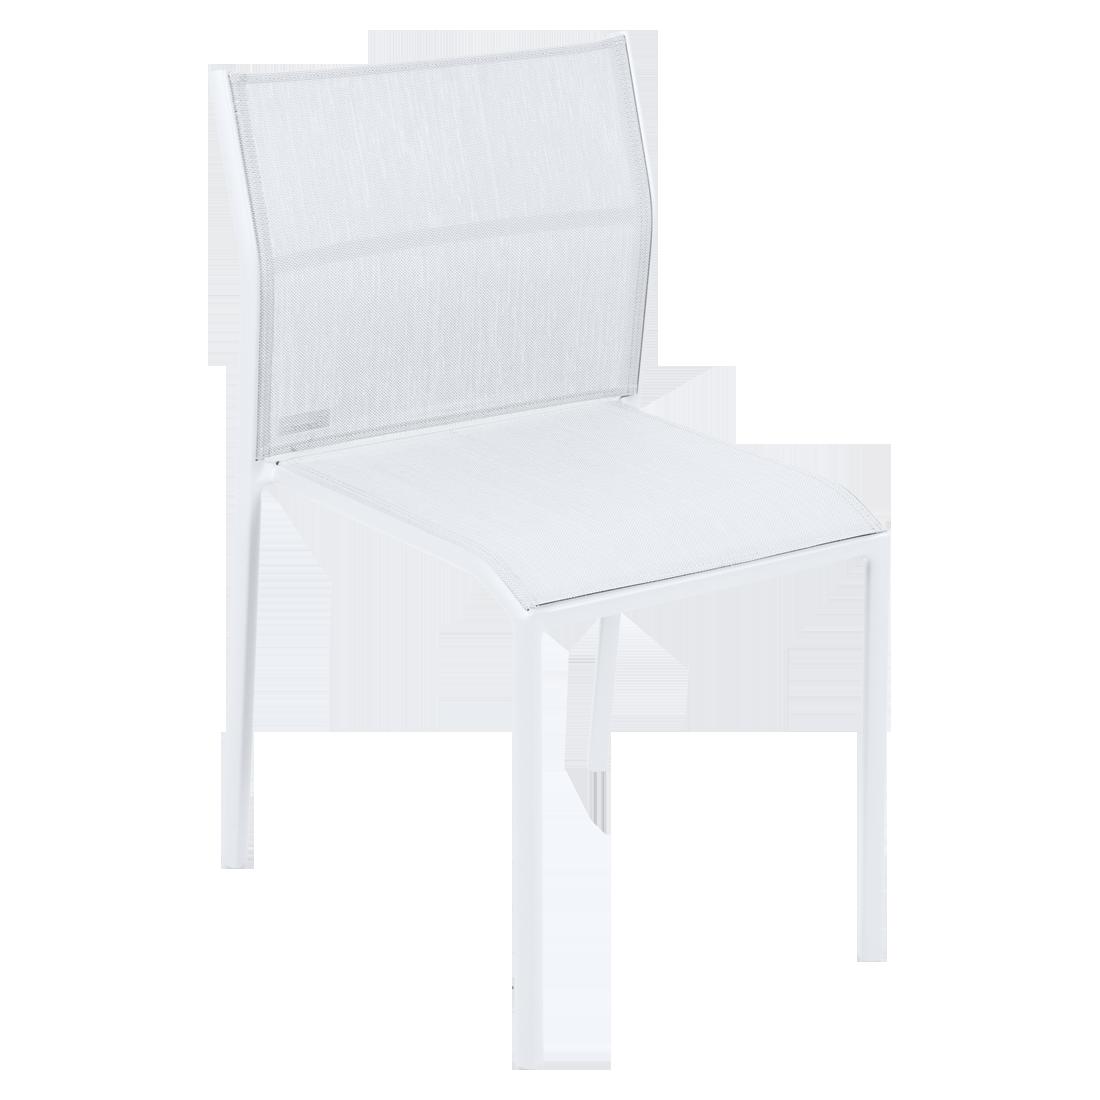 chaise de jardin, chaise en métal et toile blanc coton